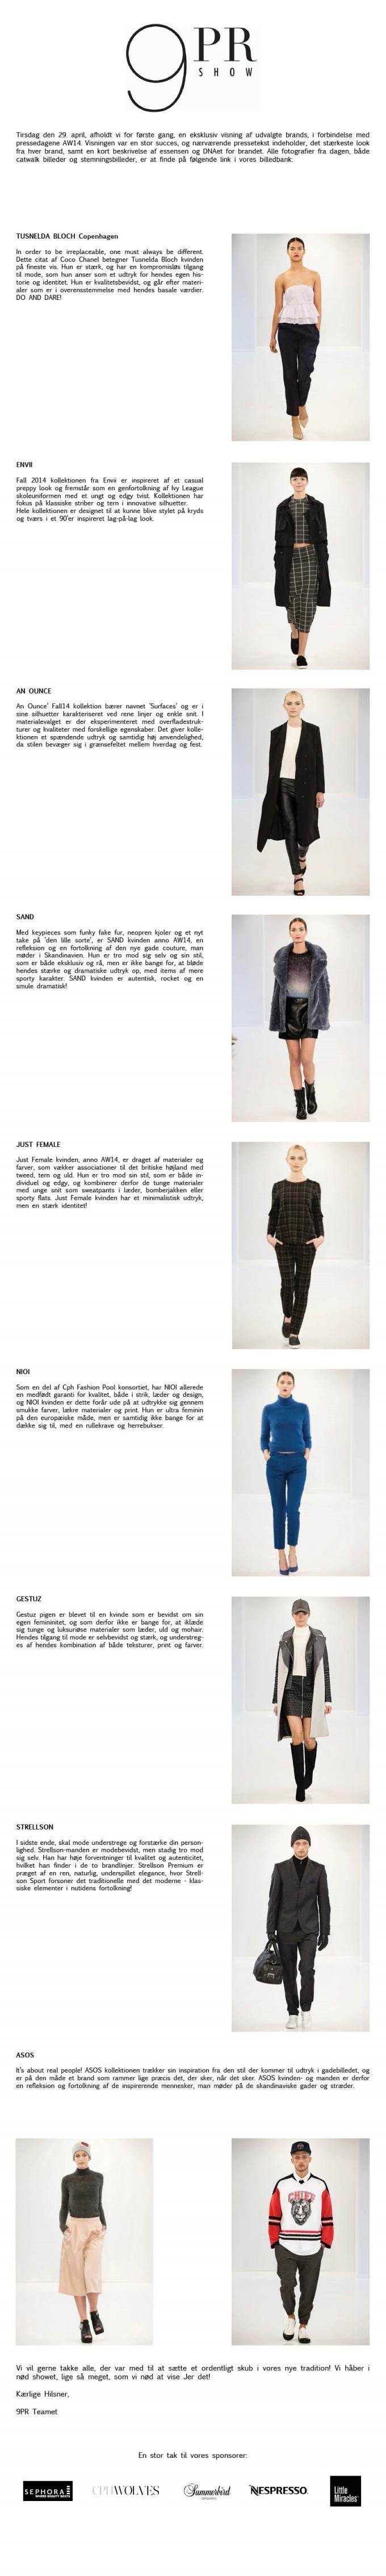 modeshow efter presse til blog1